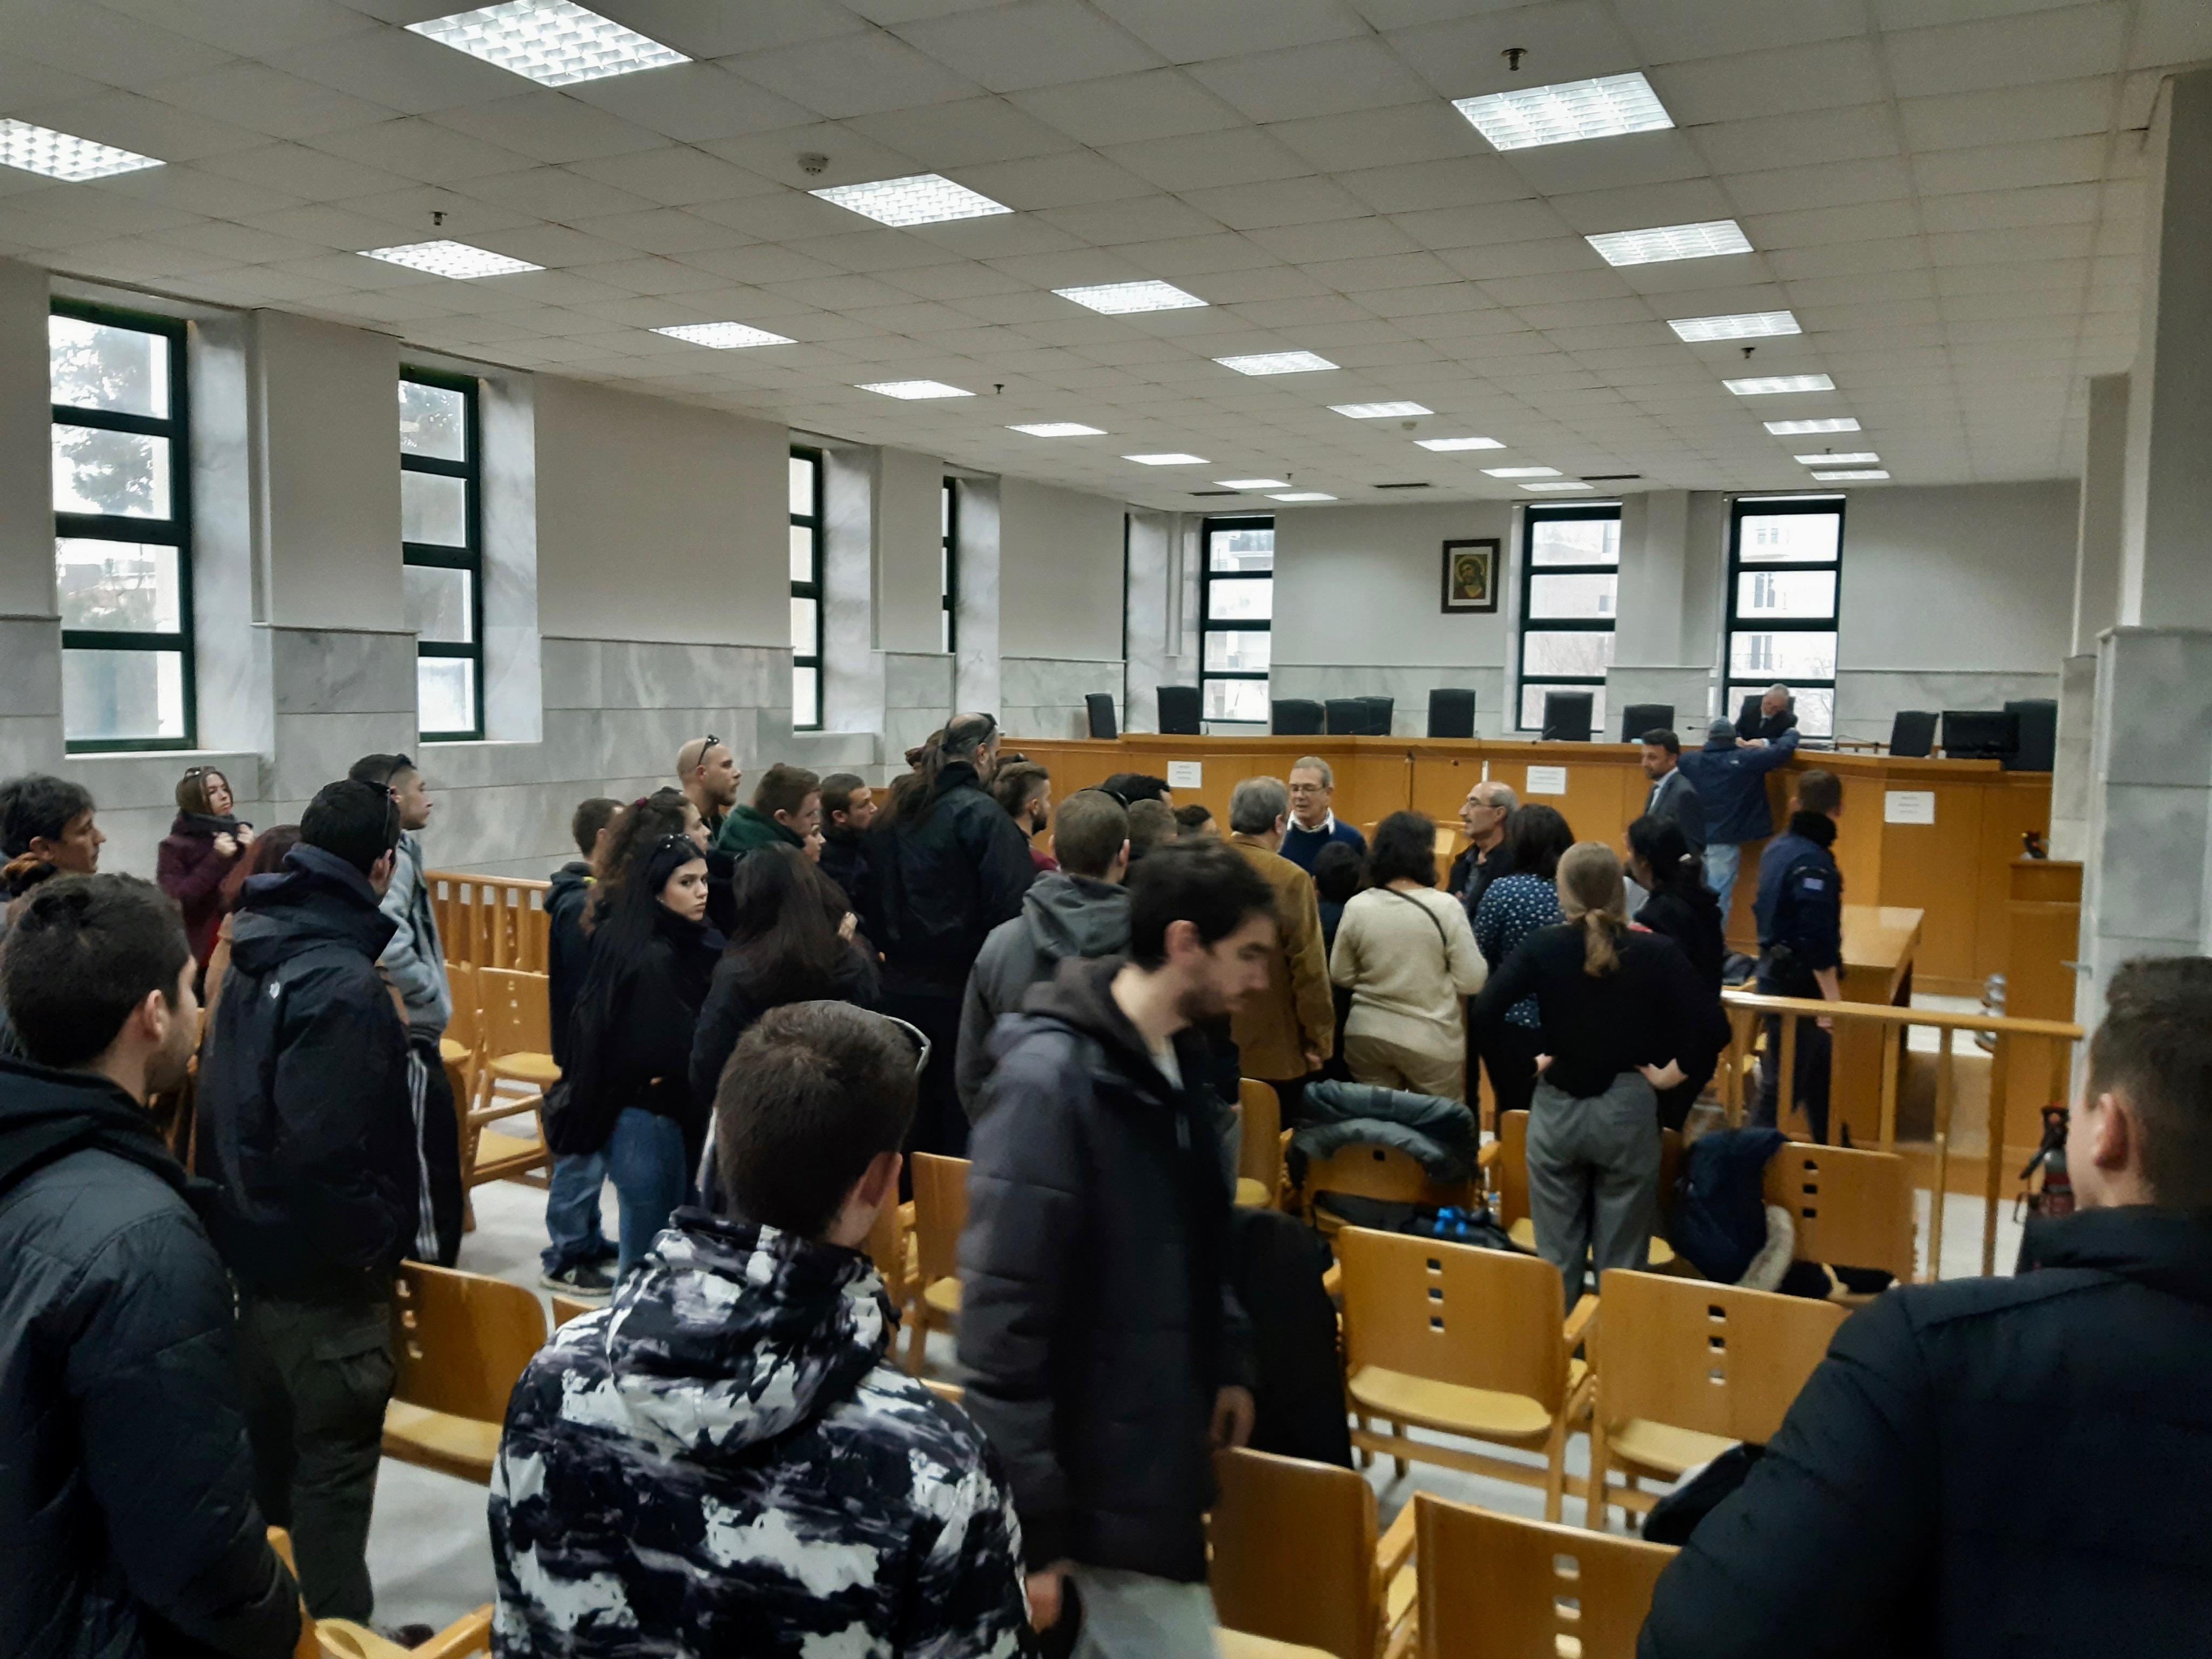 Zahlreiche Menschen waren zur Prozessbegleitung erschienen.